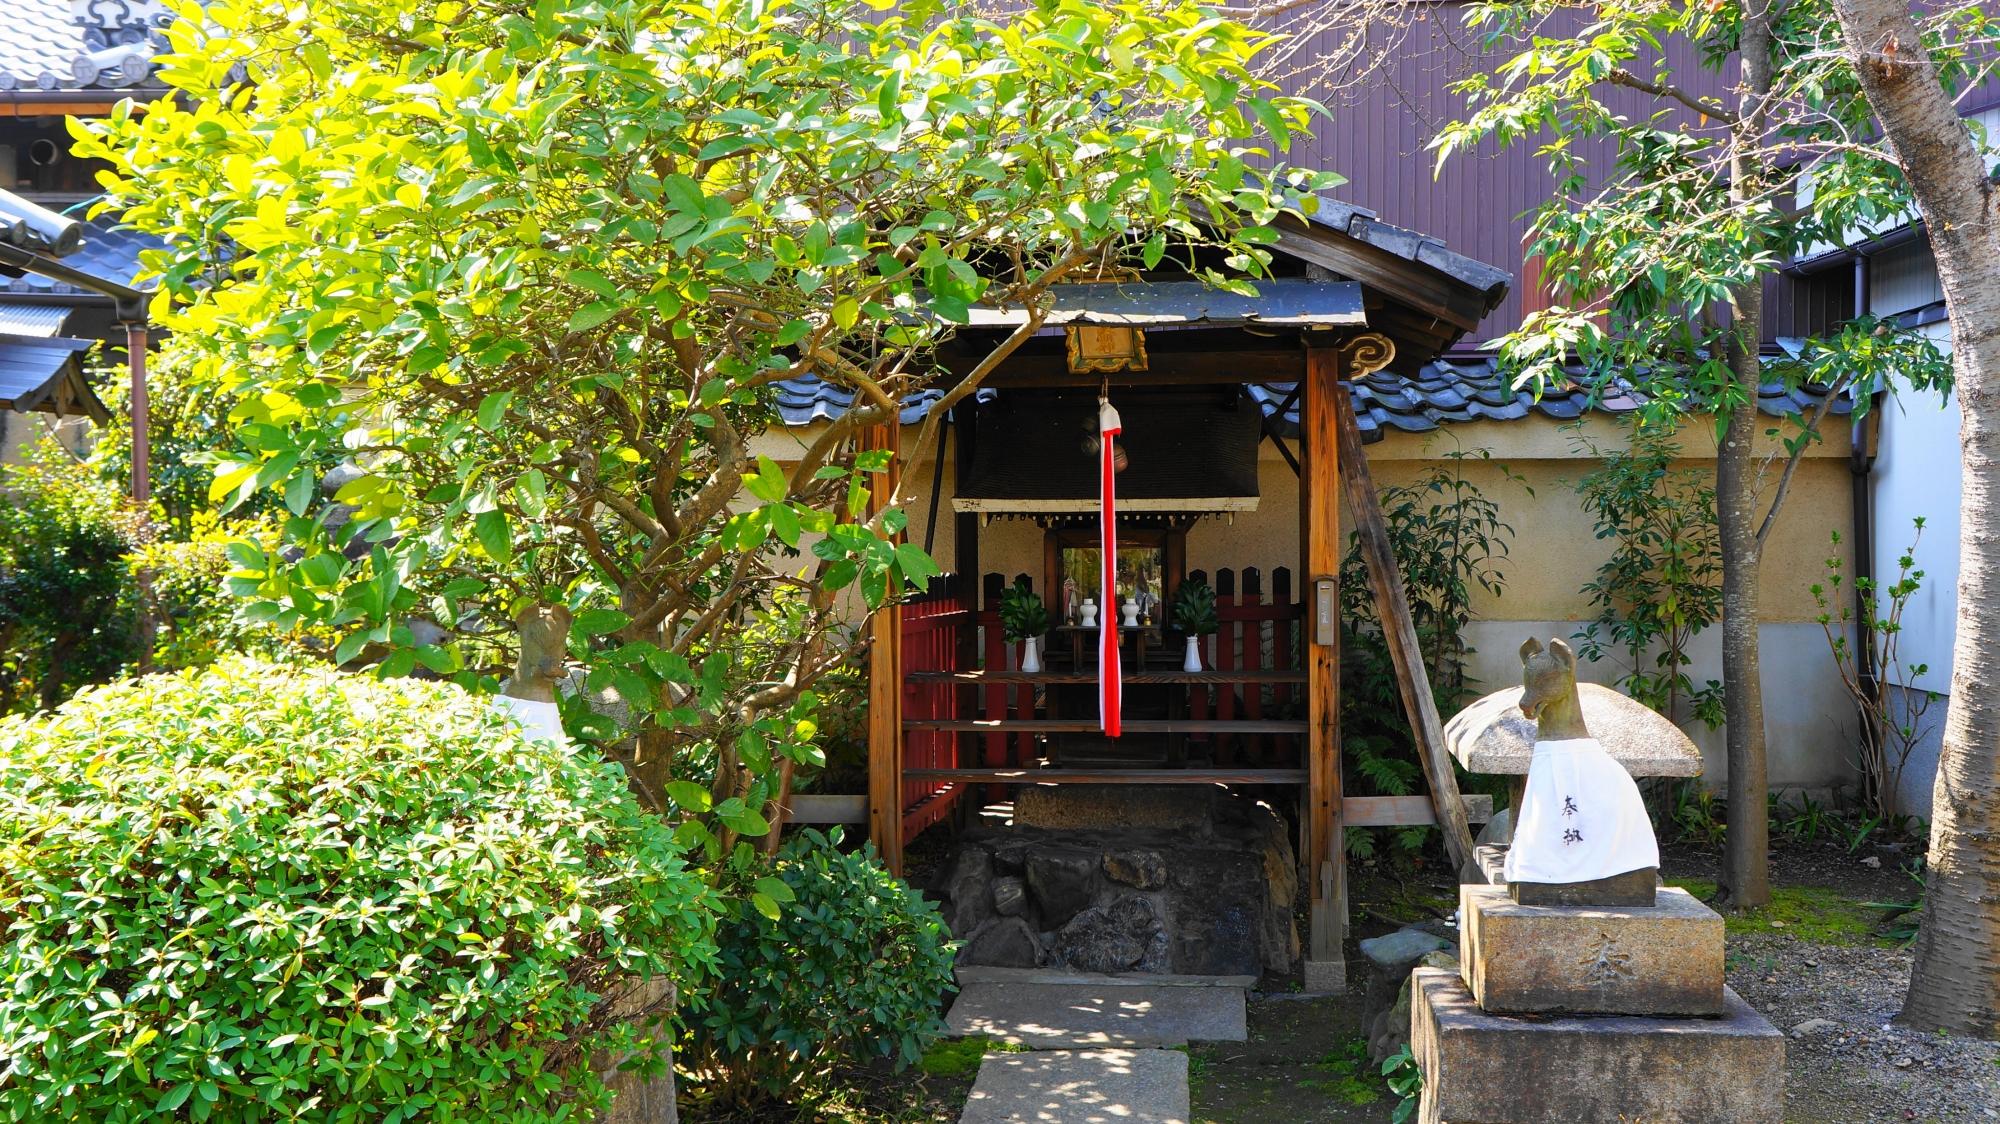 蓮光寺のたくさんの緑につつまれた稲荷社